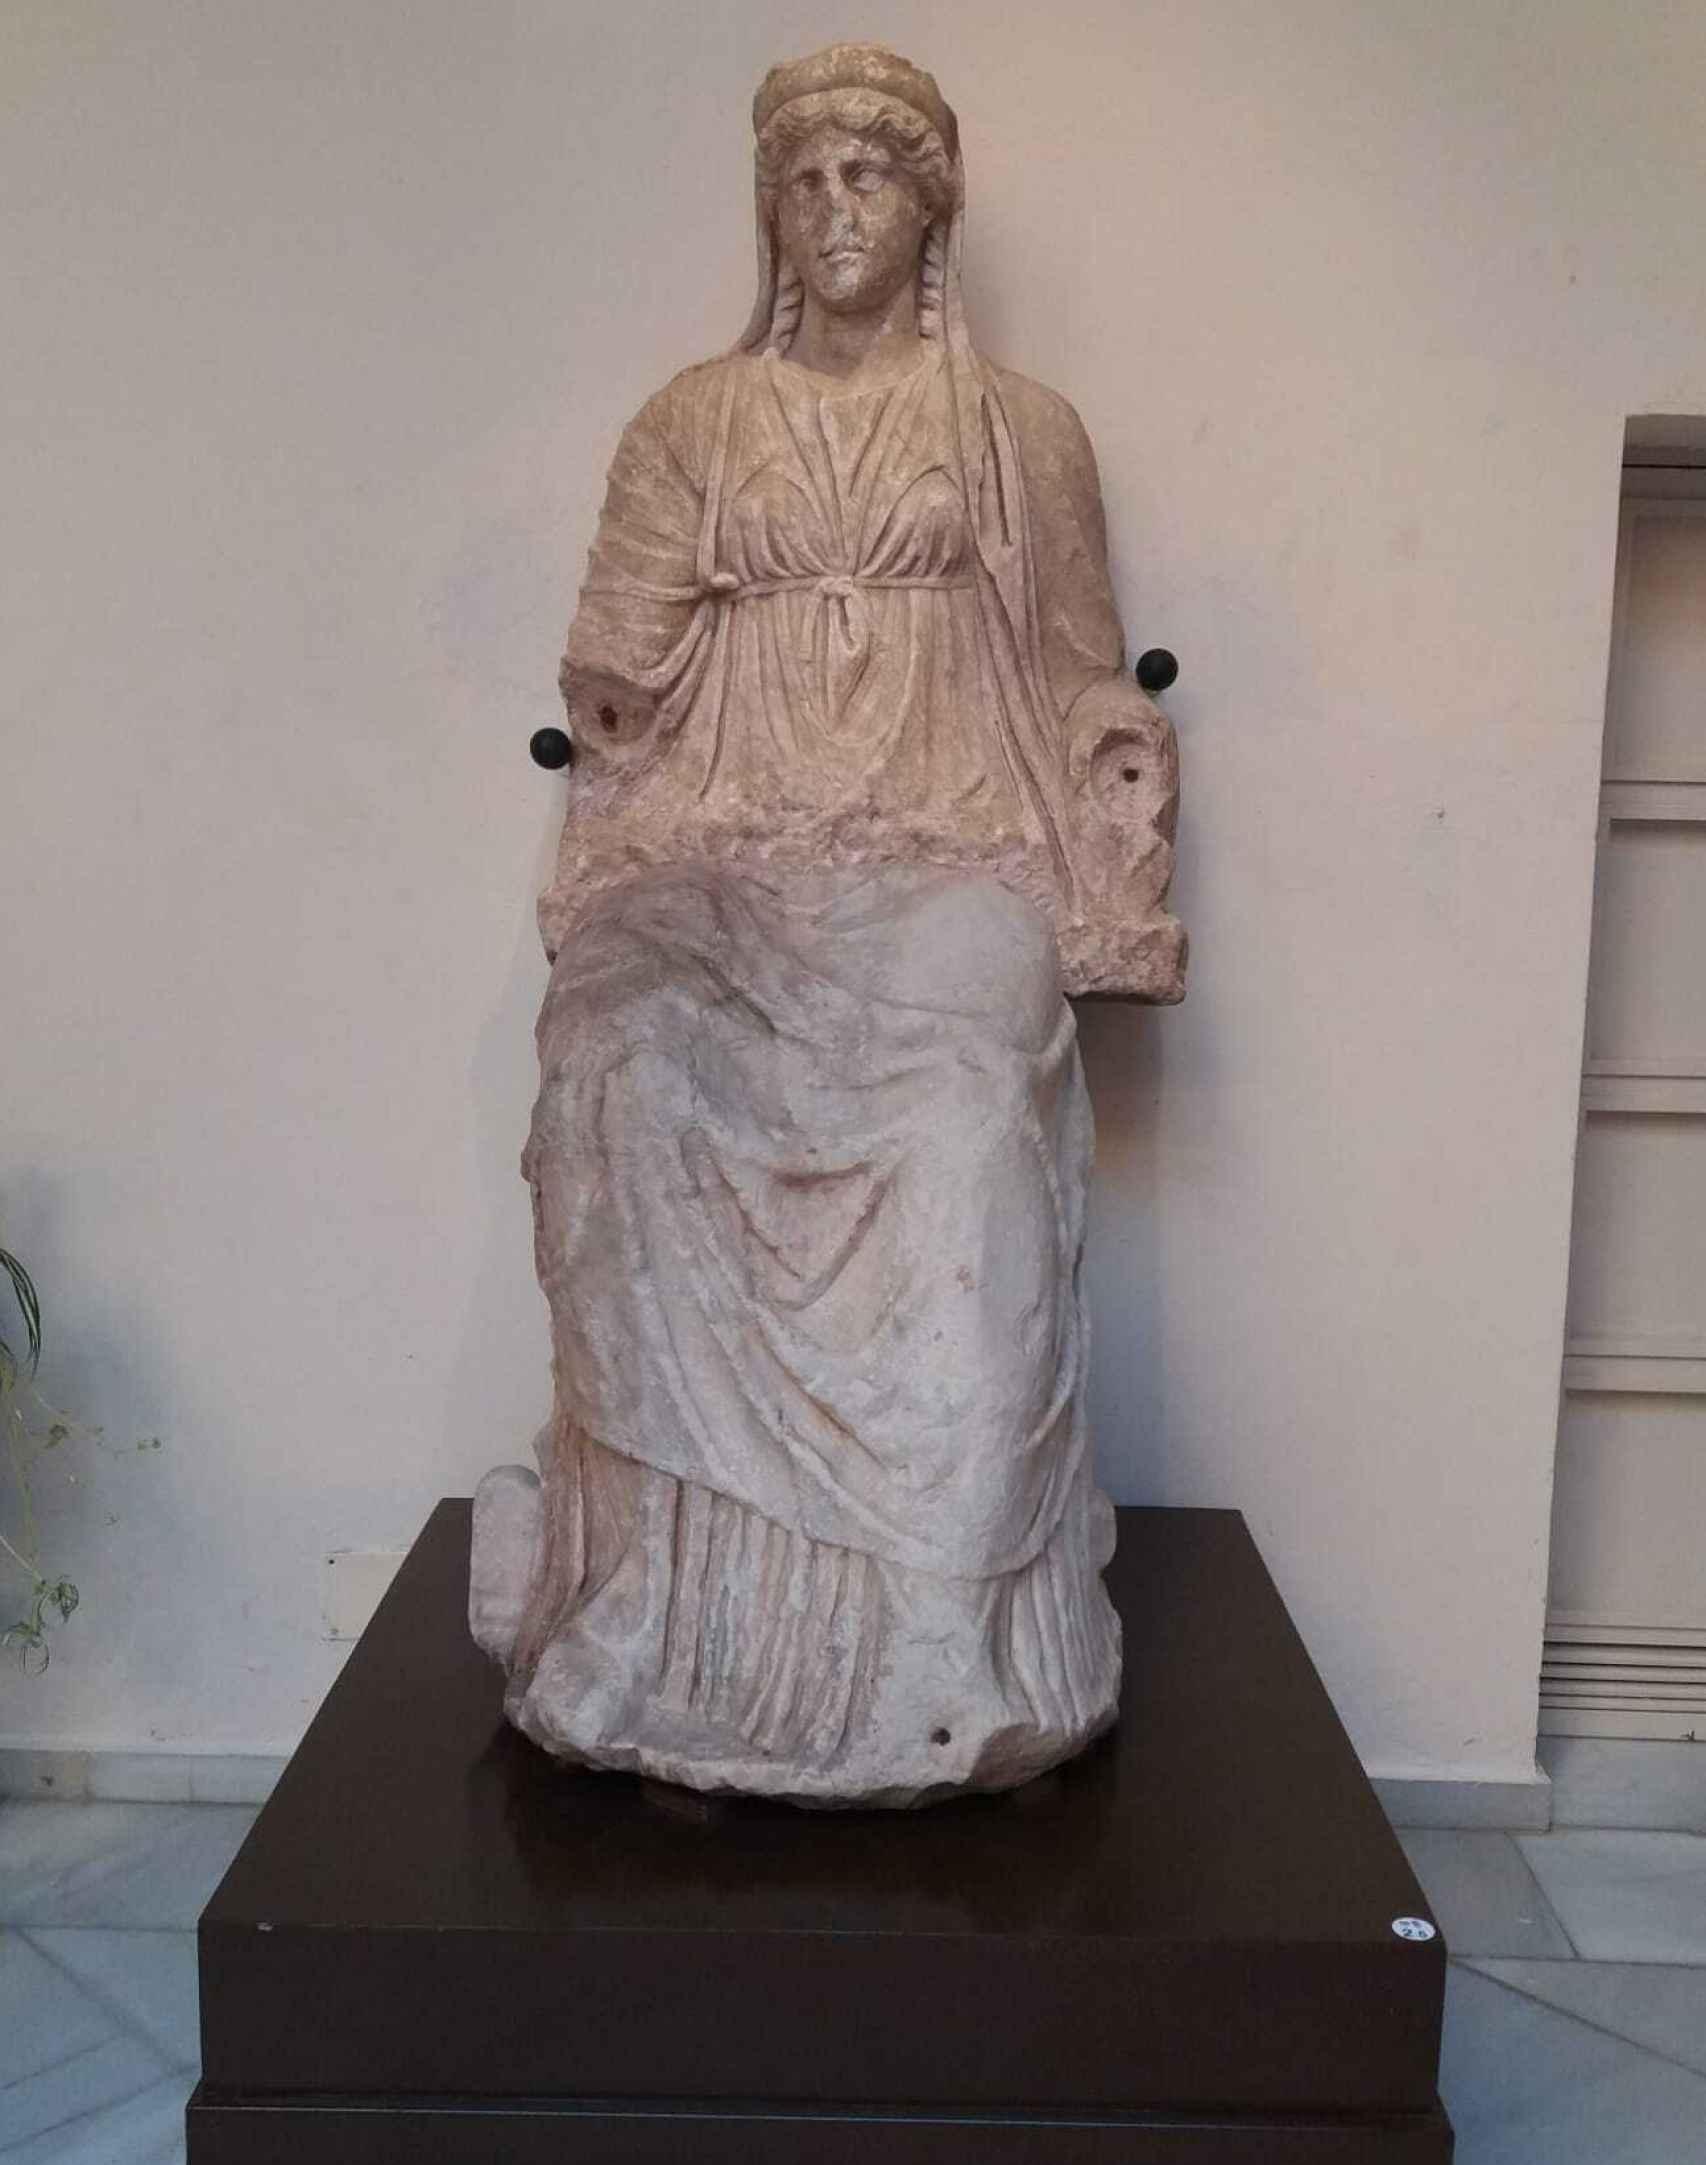 La estatua de la diosa Juno vuelve a mostrarse completa en Badajoz.